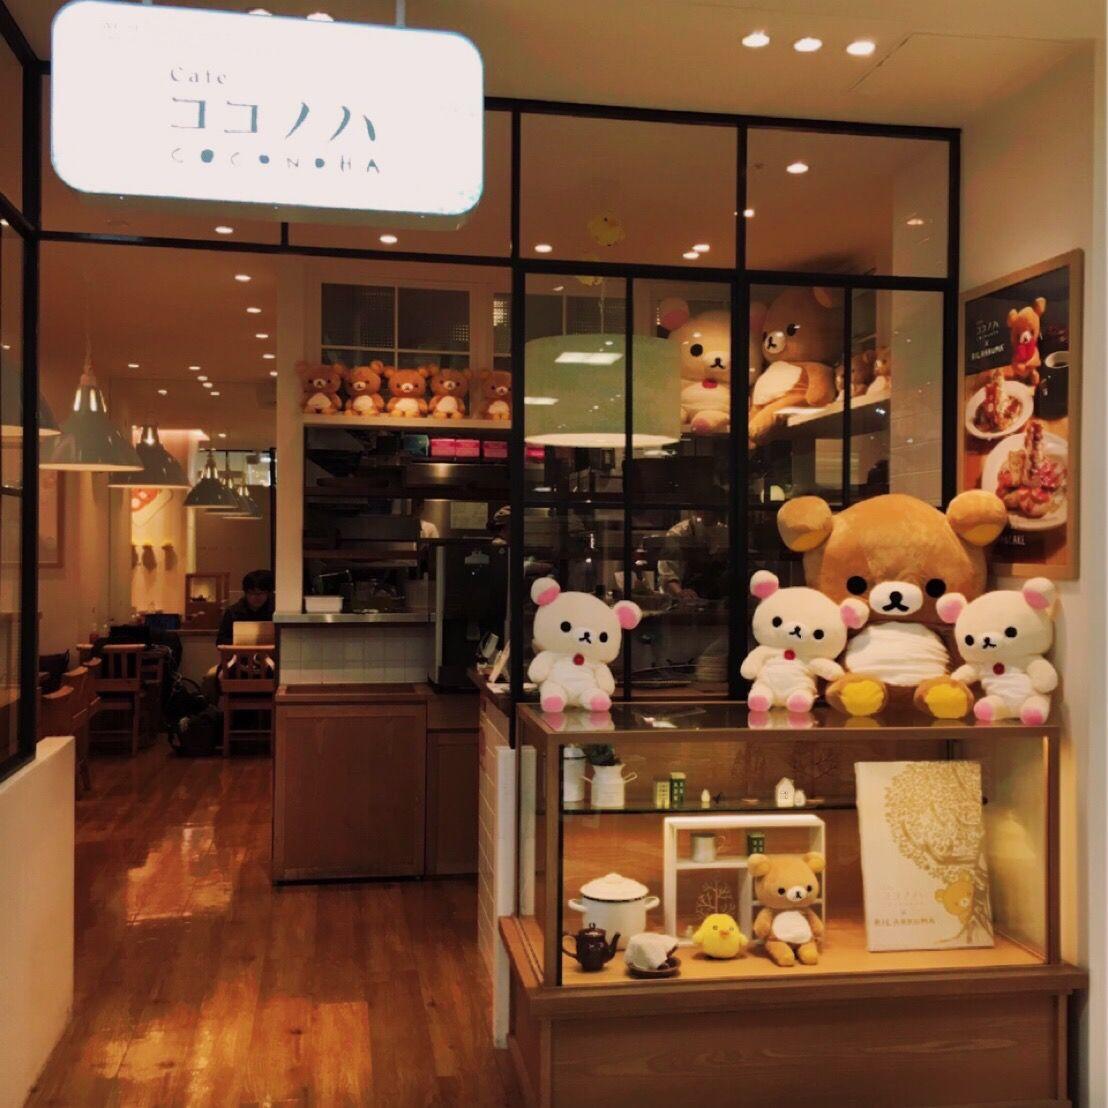 ココノハ河原町店×リラックマコラボカフェに2/14までのバレンタイン限定メニューが登場!5段重ねのパ…